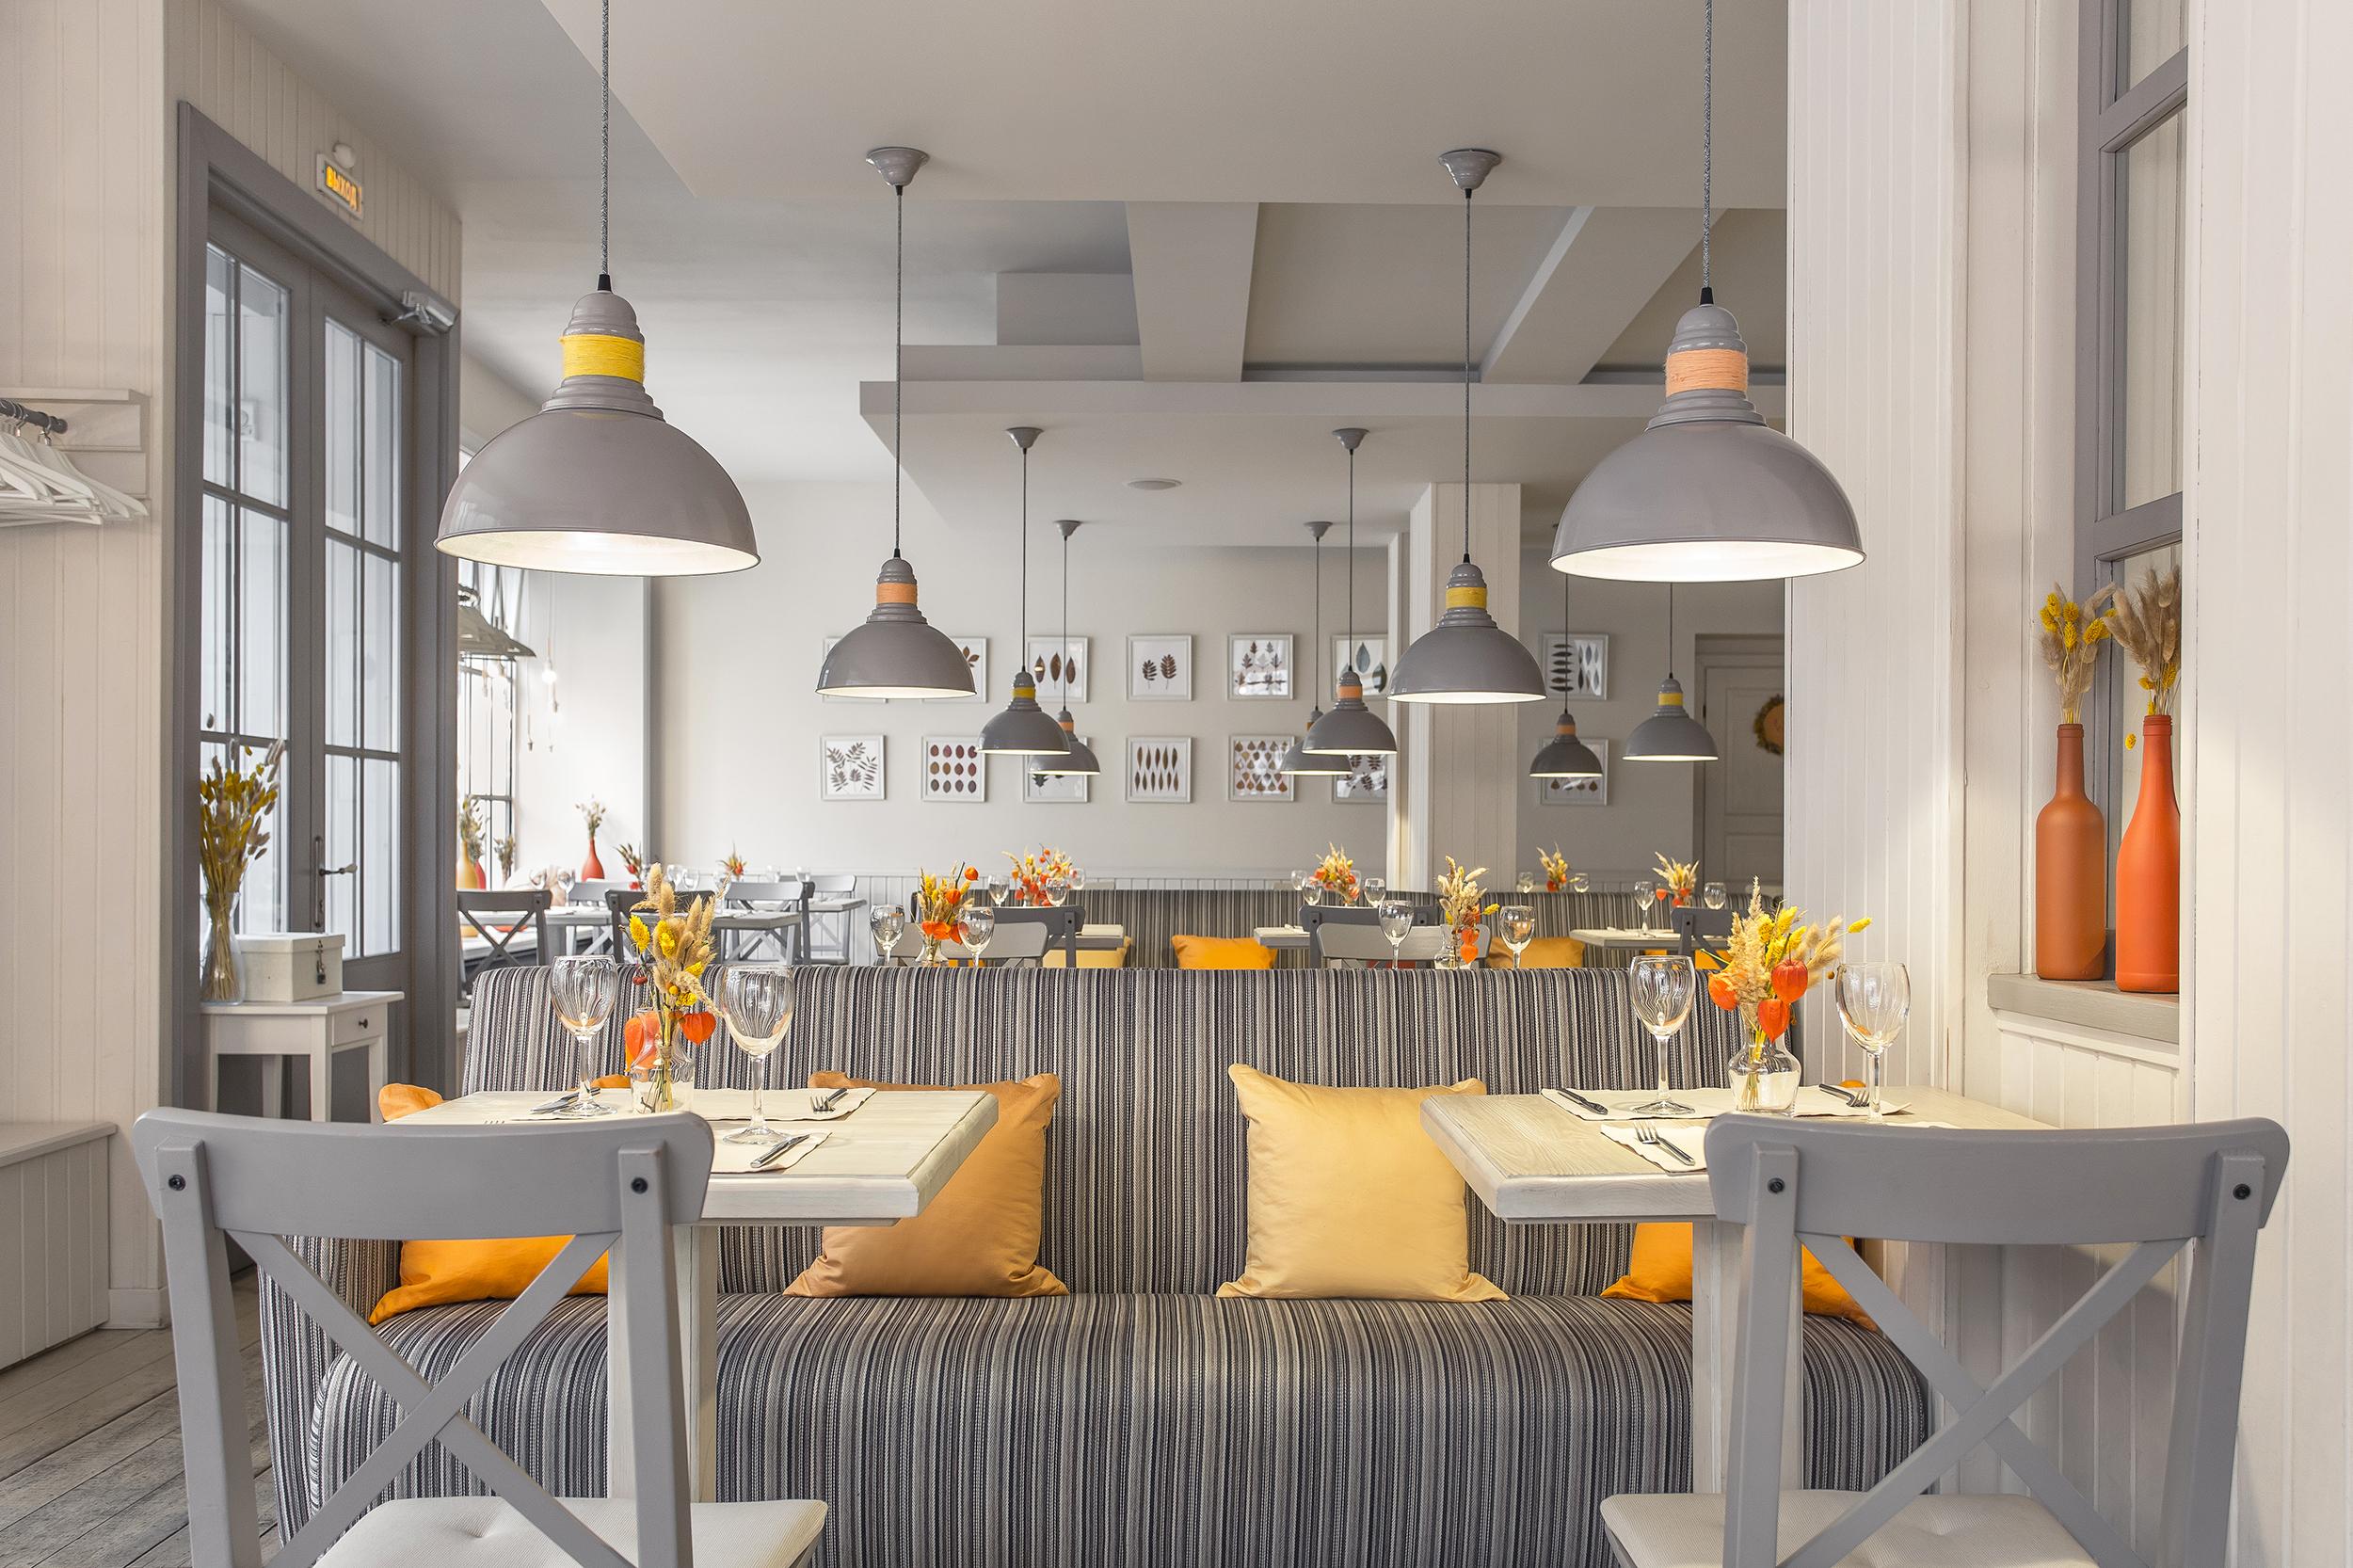 Ресторан Дом-кафе - Осенний интерьер